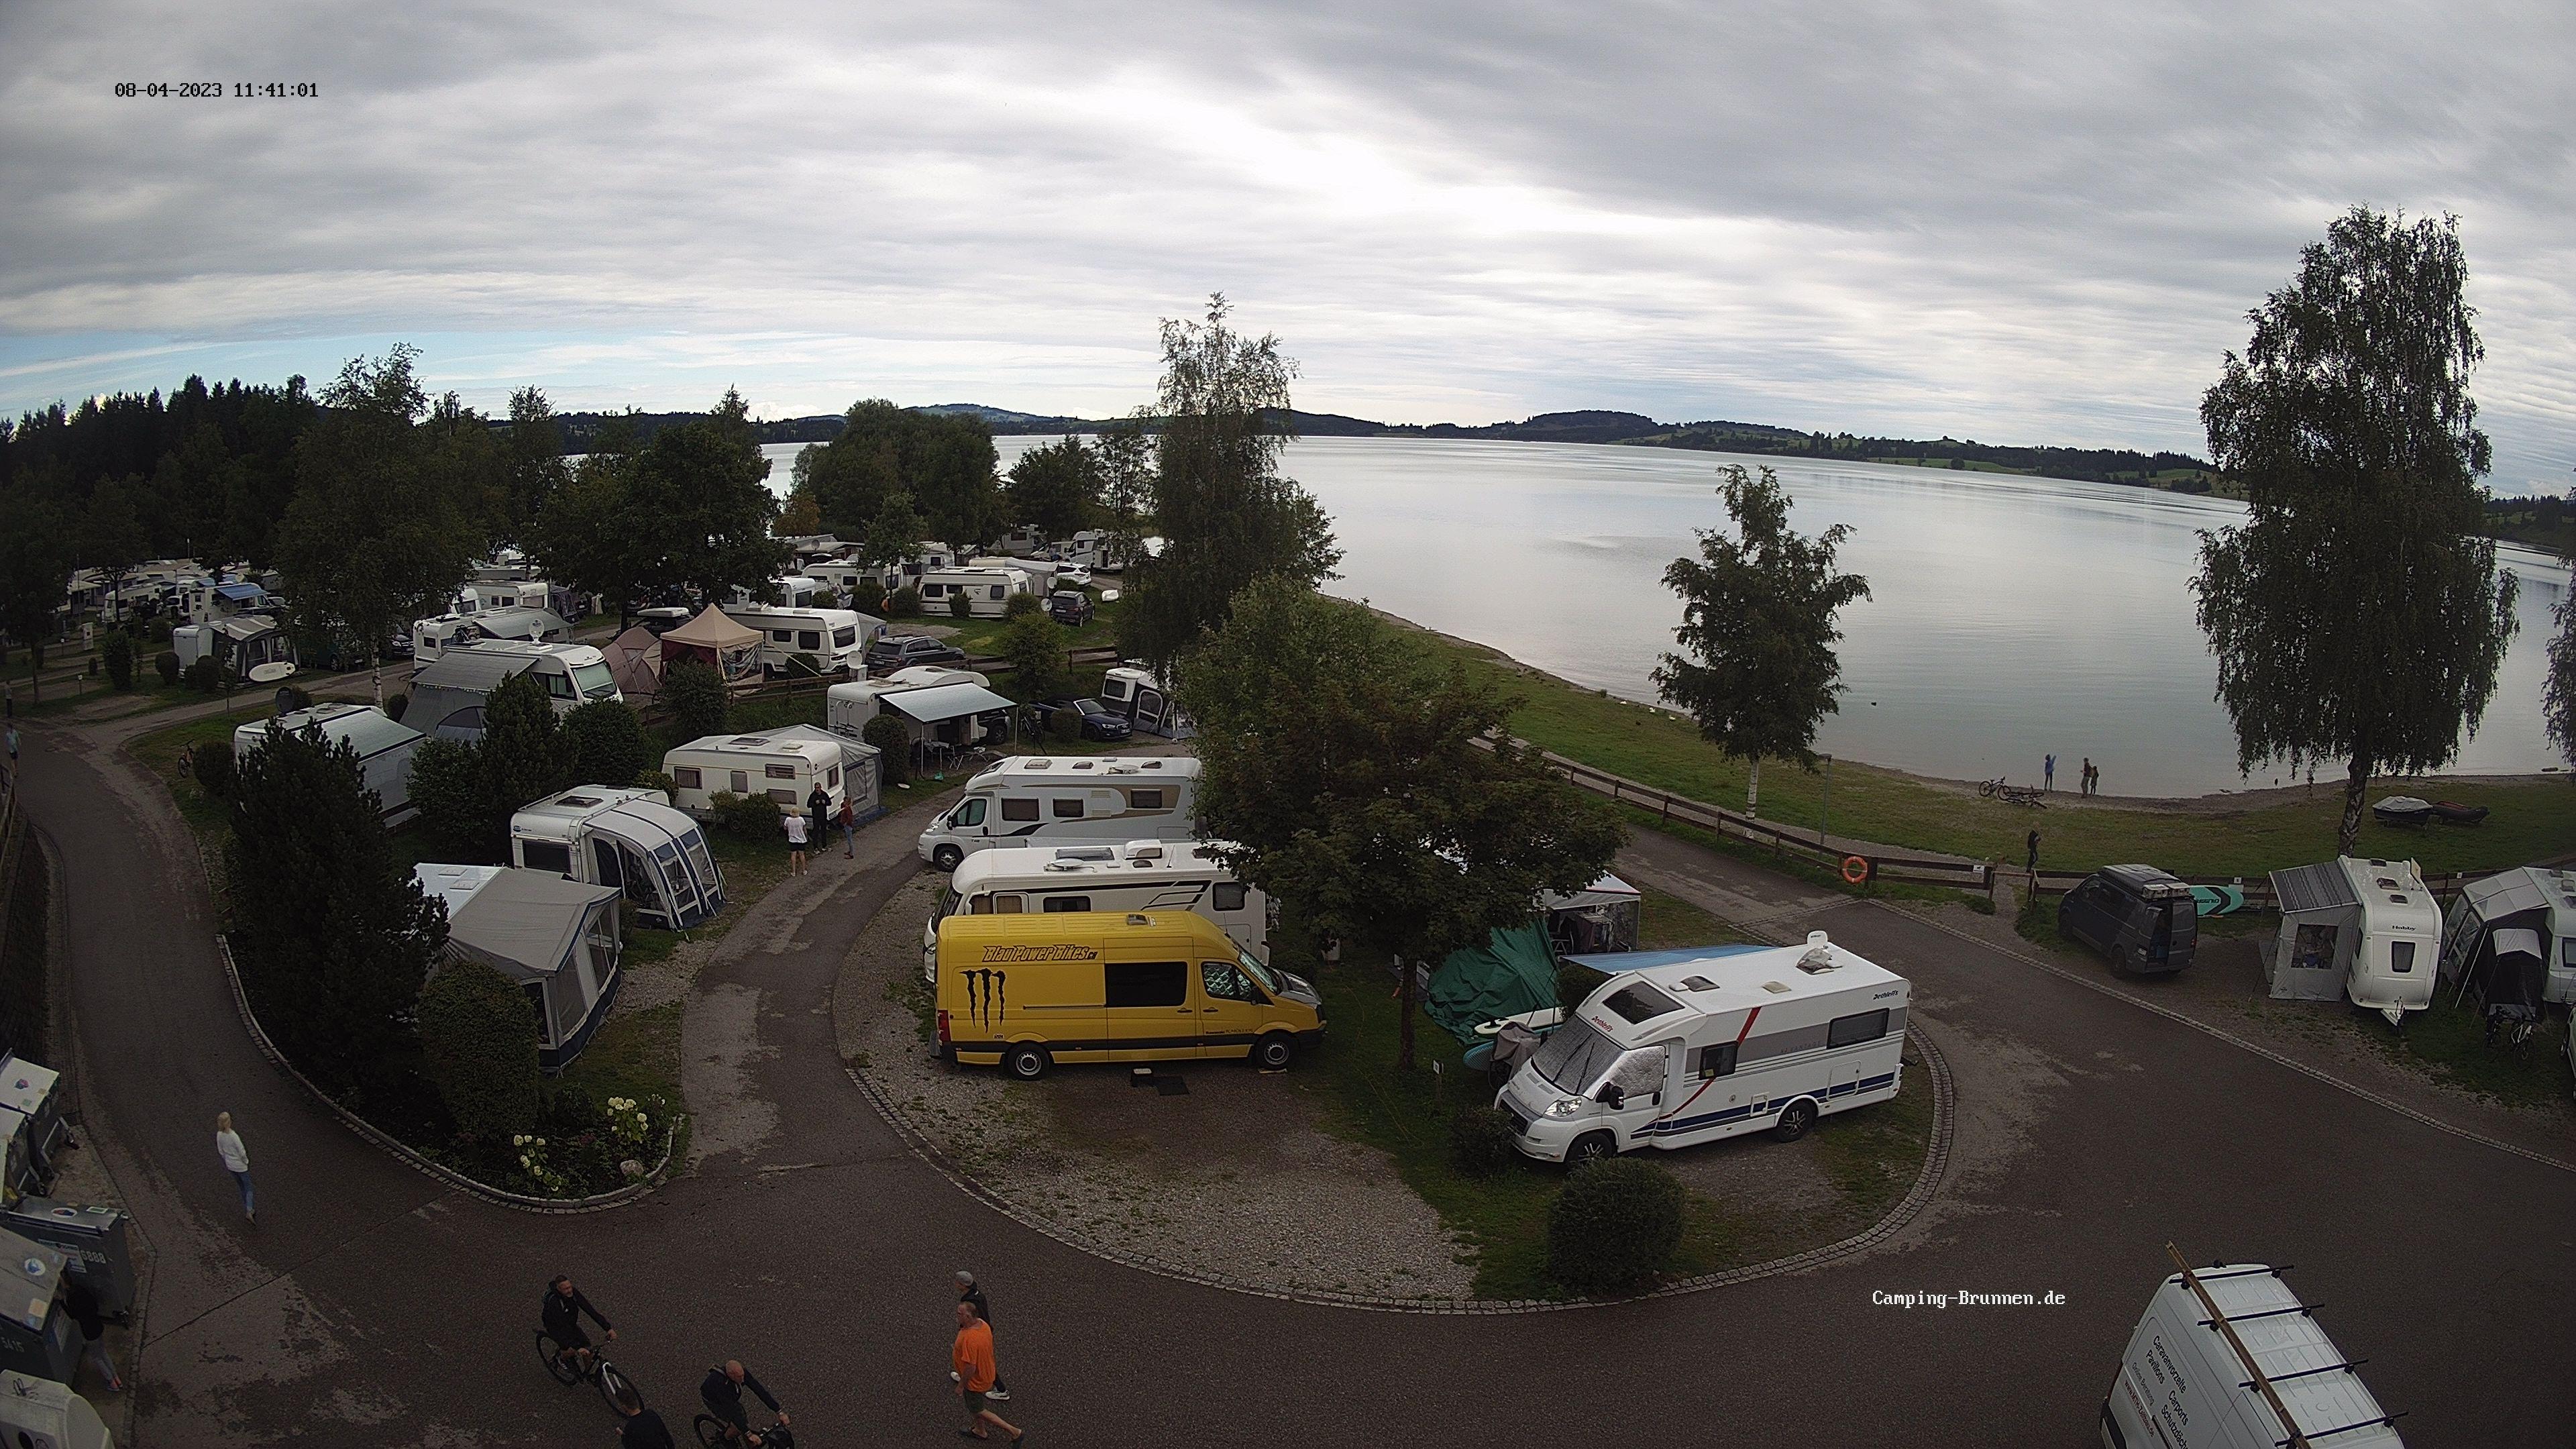 Webcam am Campingplatz mit Blick auf den Forggensee